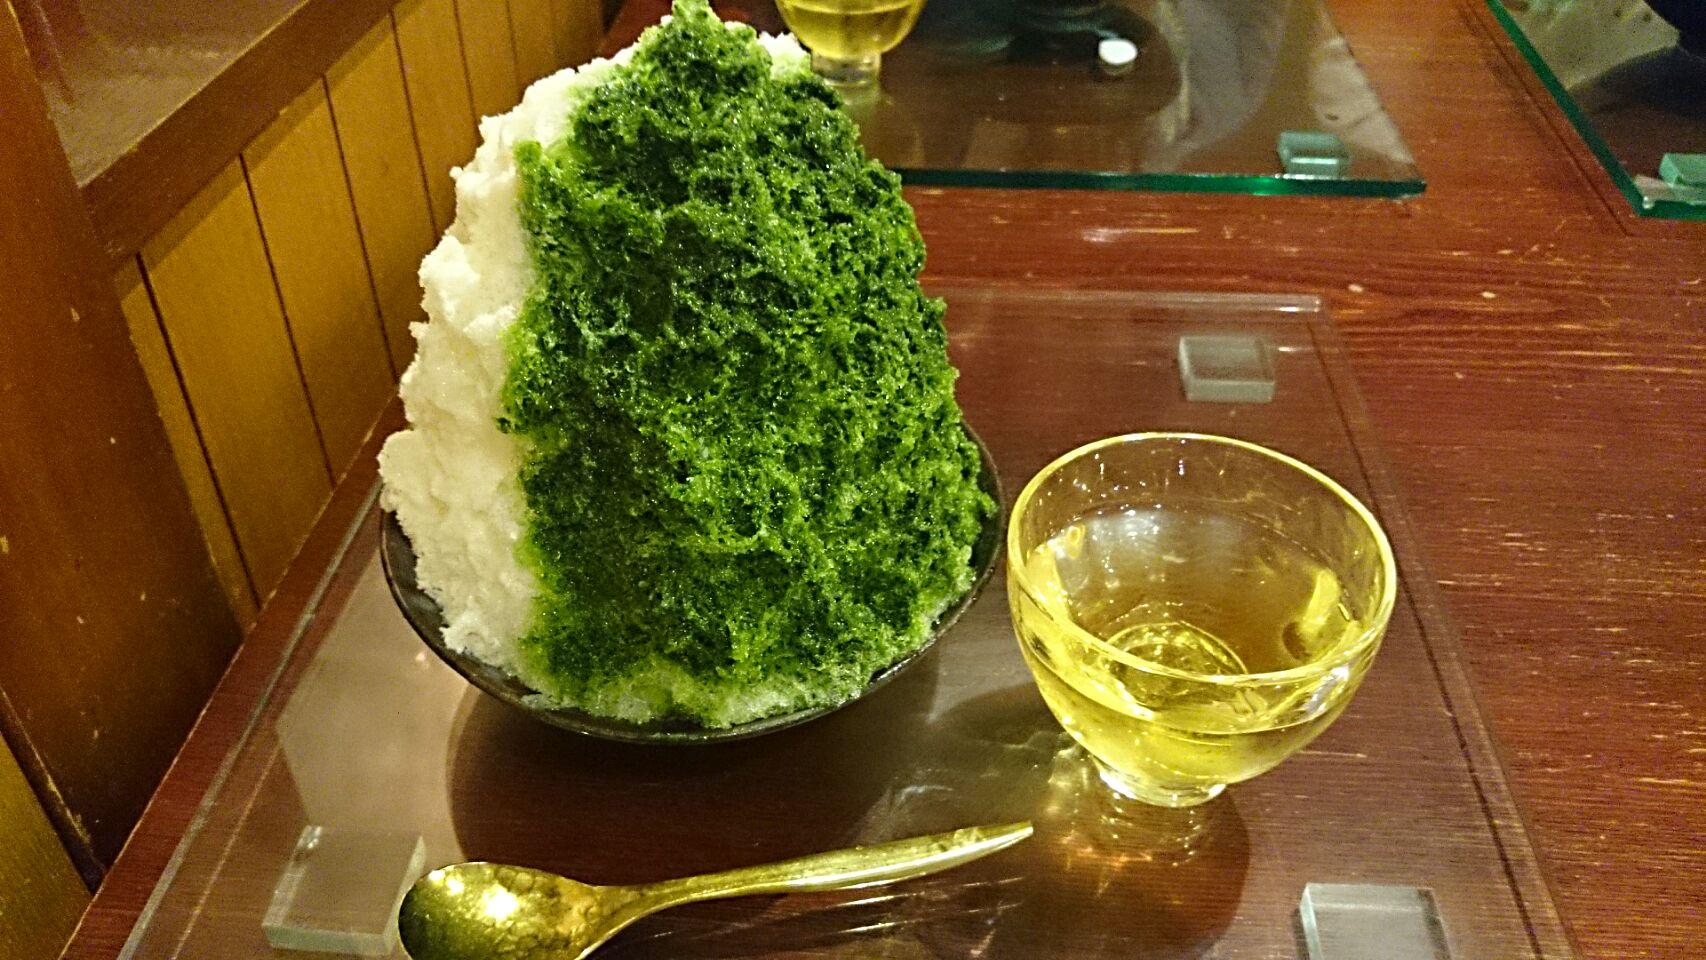 【2018年最新】東京都内エリア別おすすめかき氷23選